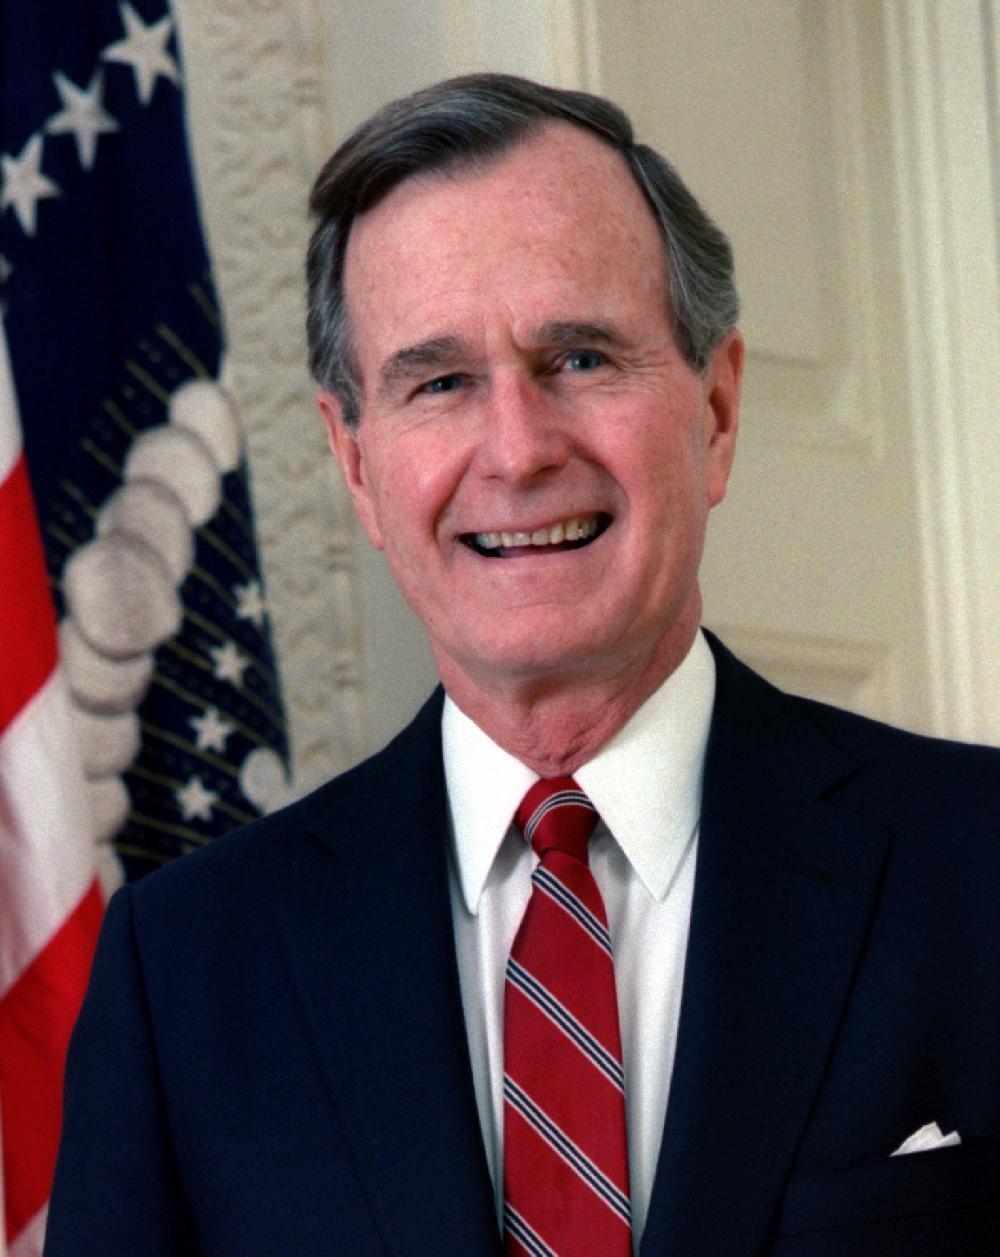 États-Unis : décès de l'ancien président américain George Bush à 94 ans